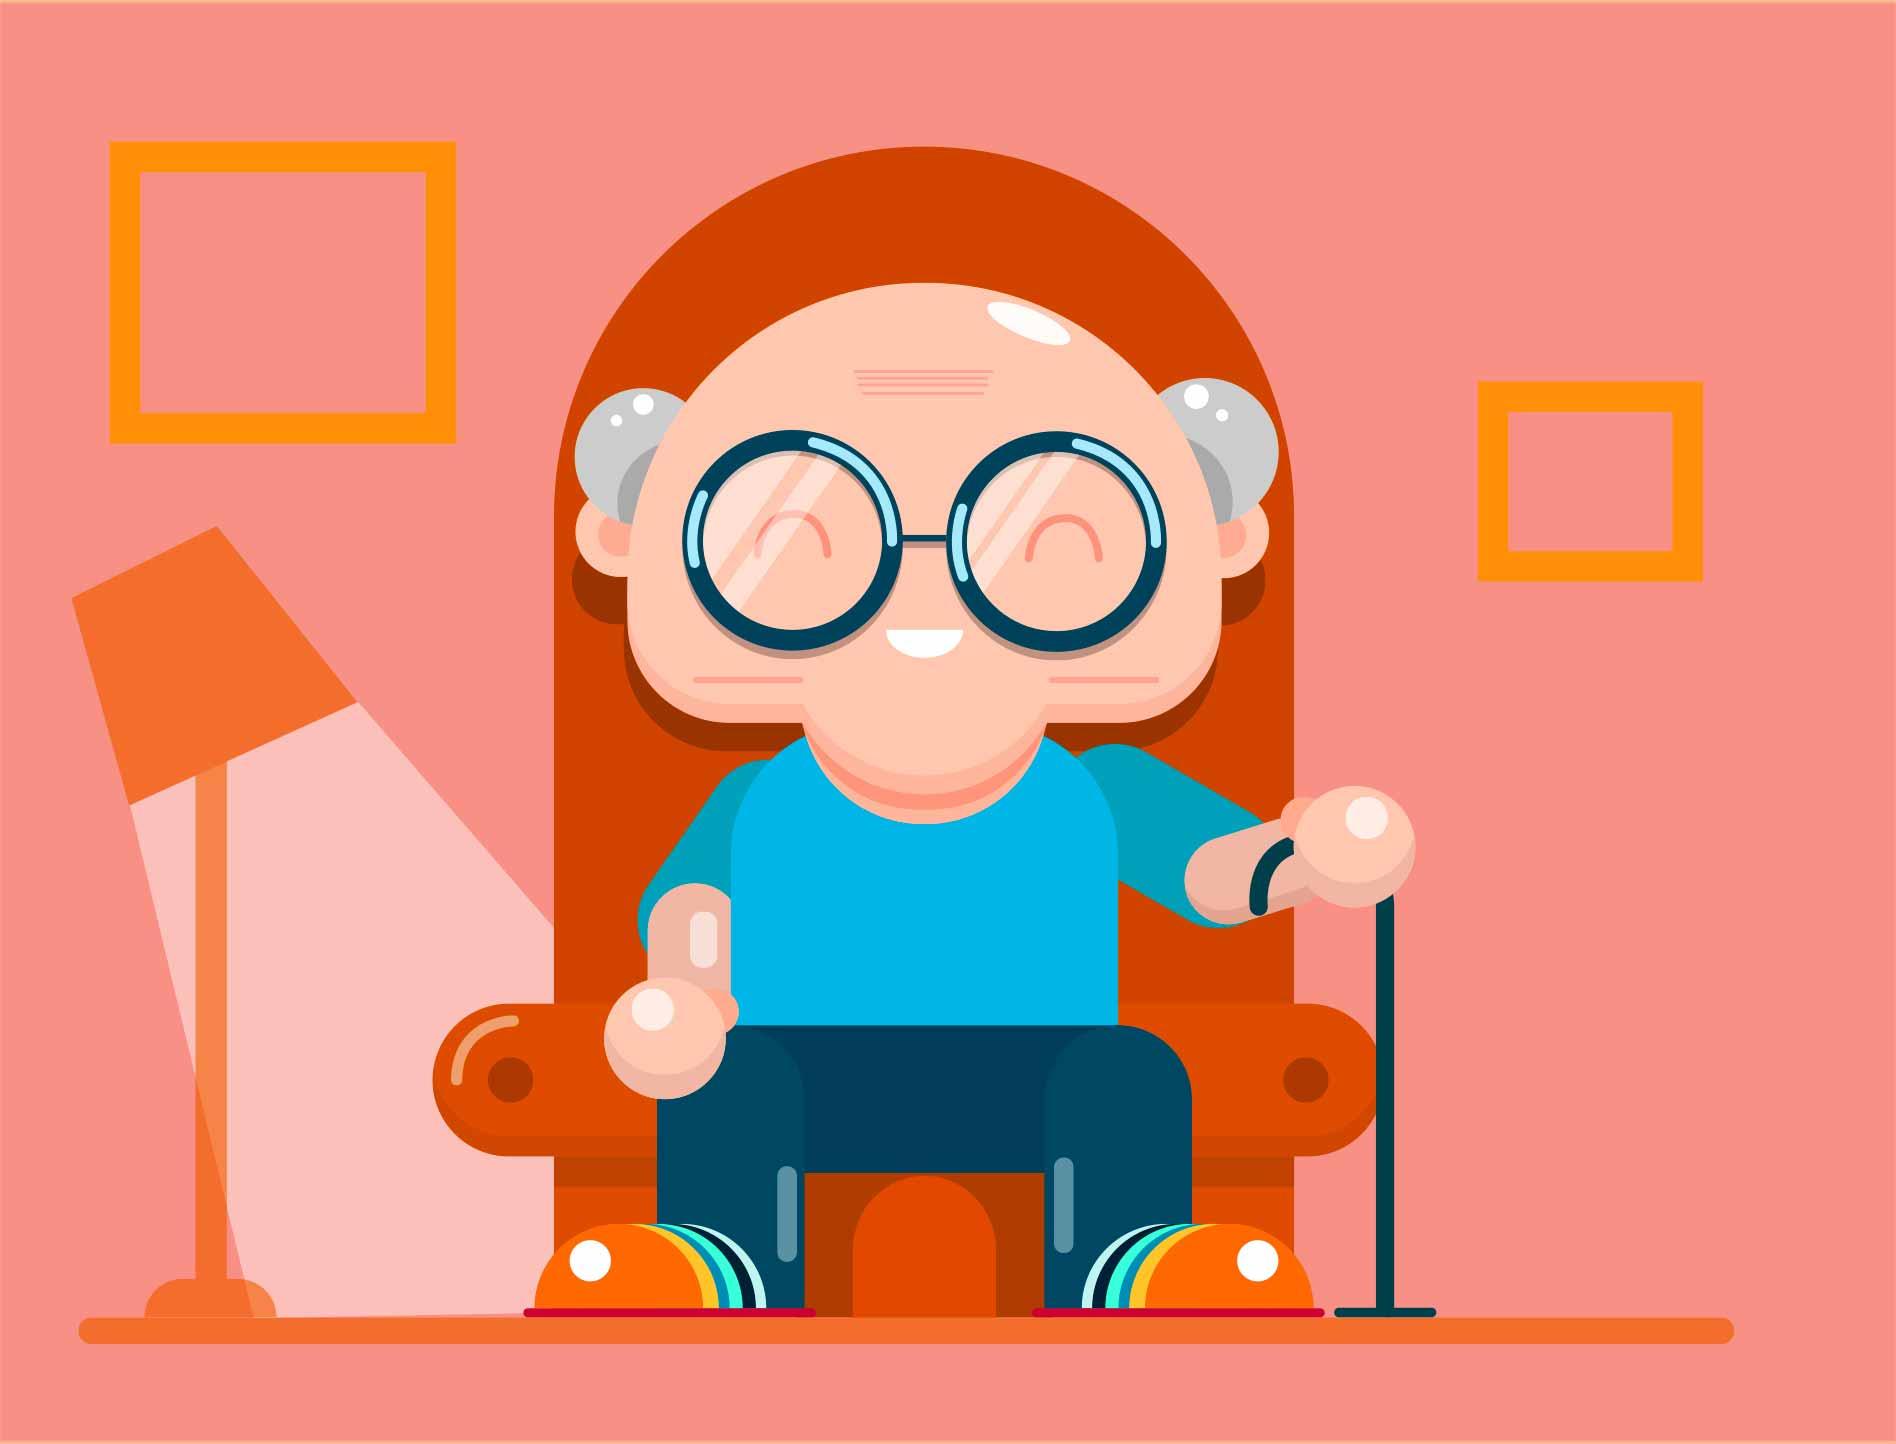 Une illustration montrant un homme âgé